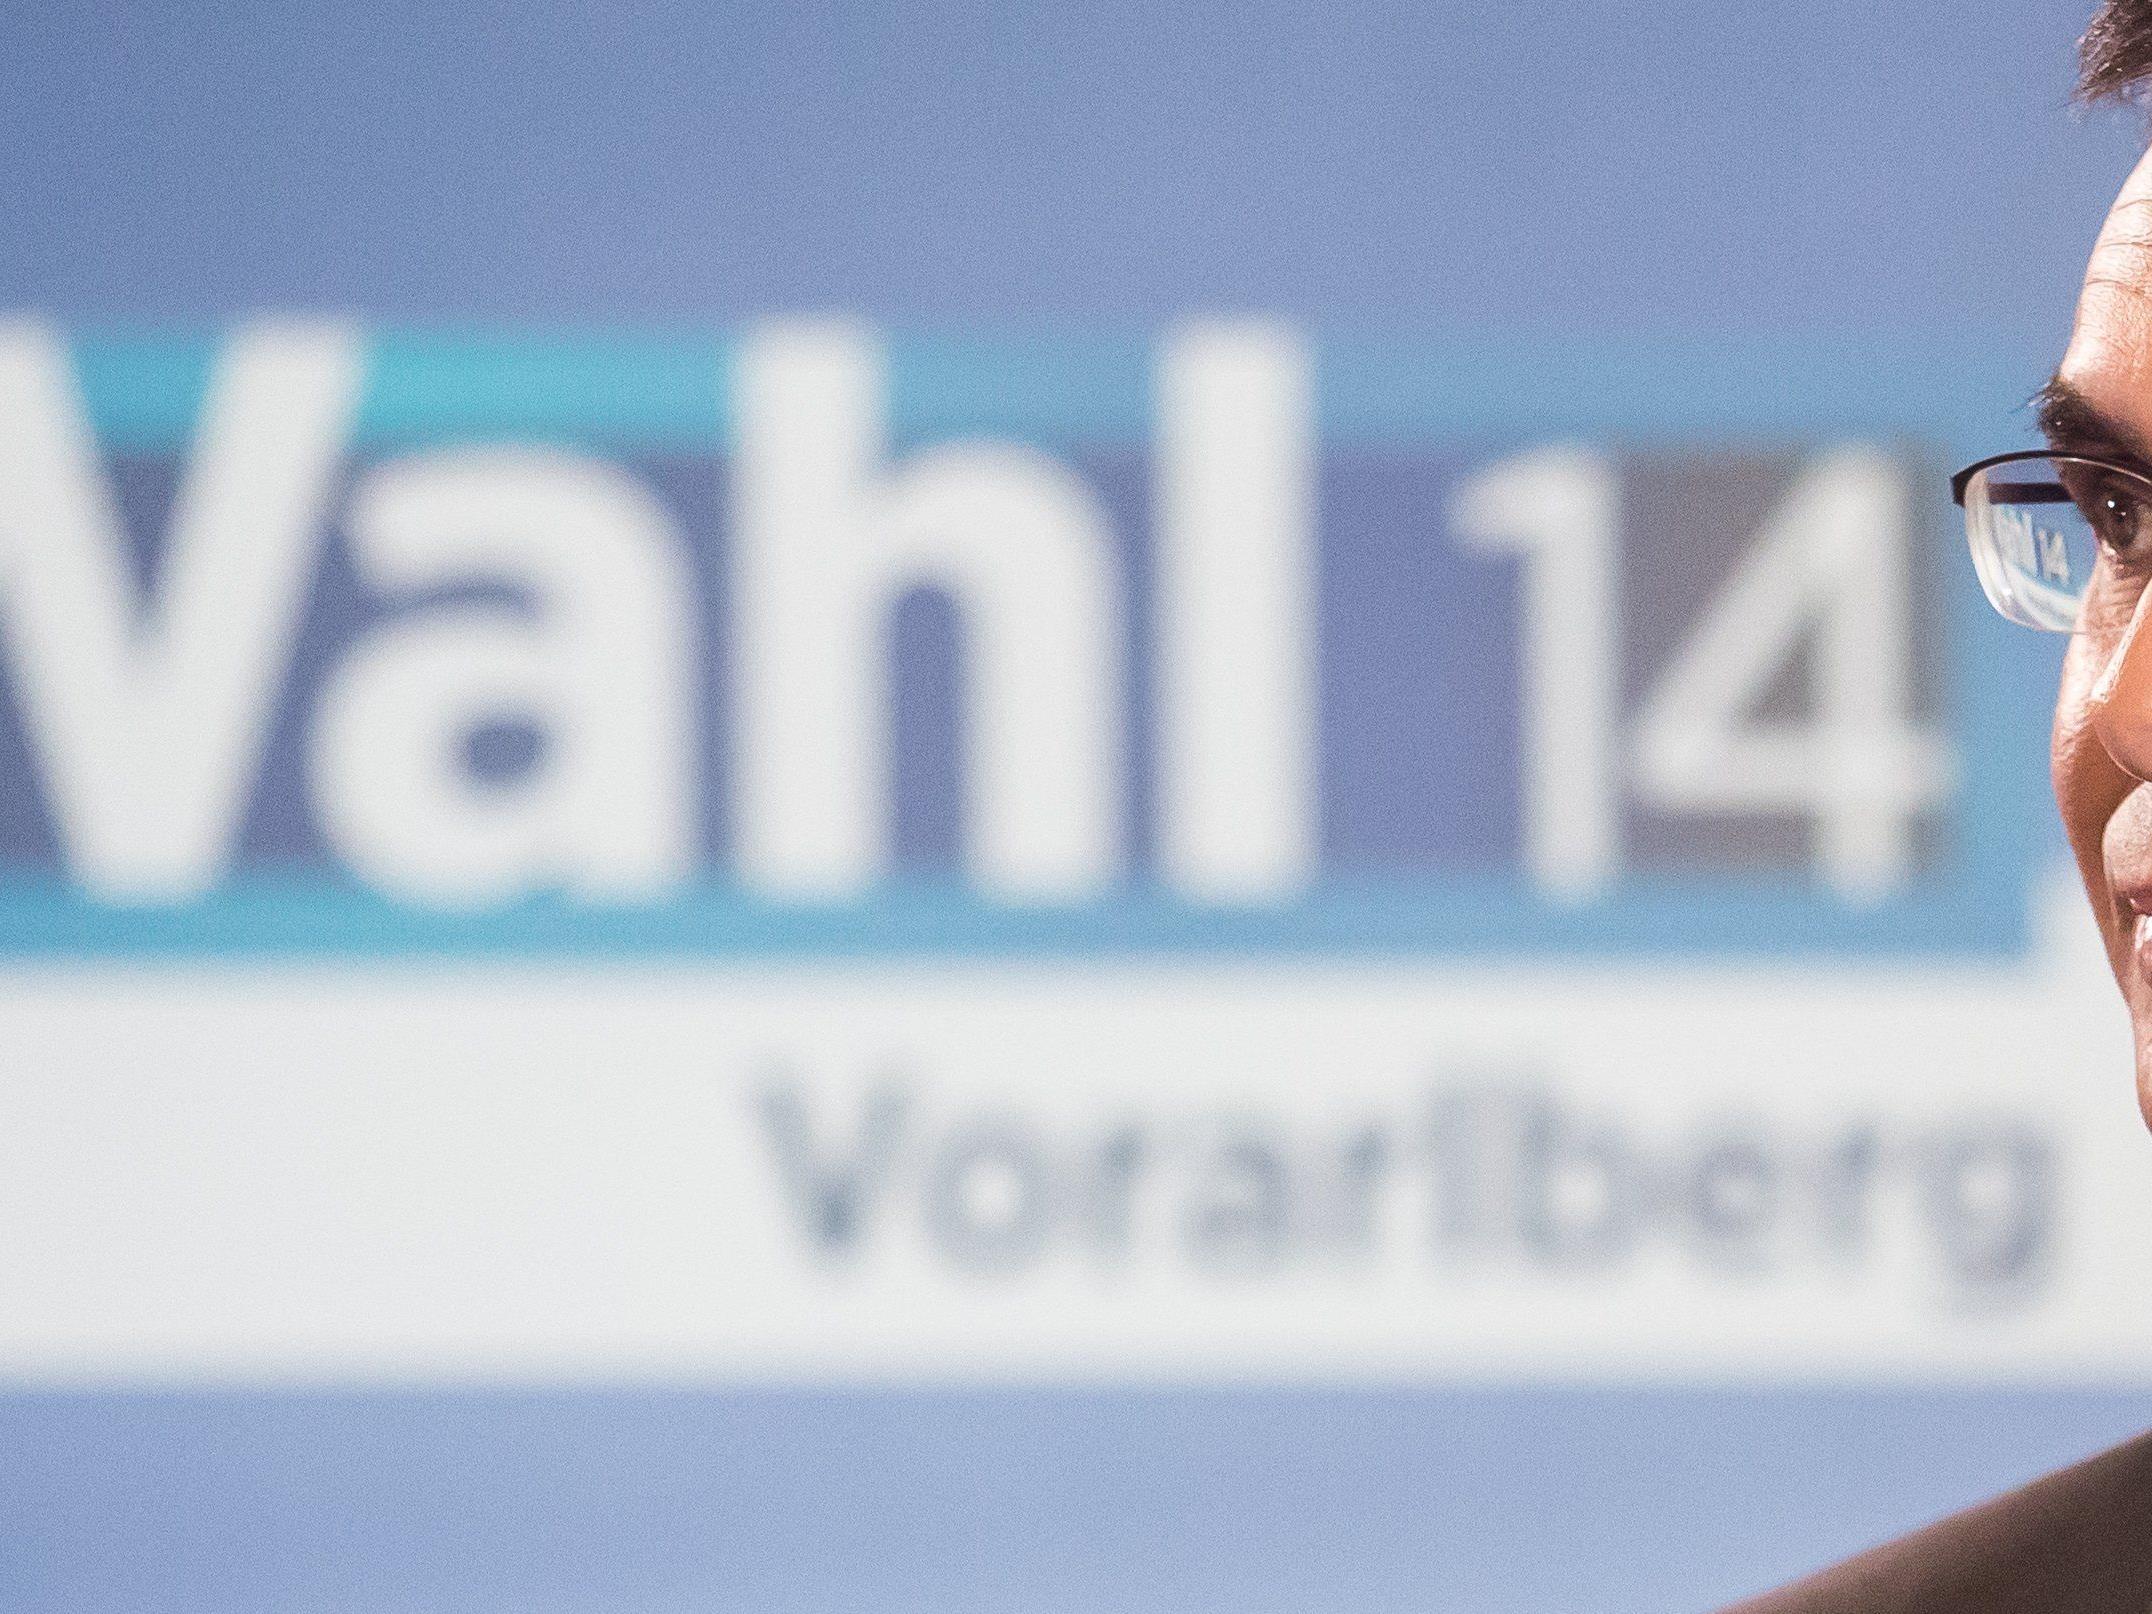 ÖVP kämpft bis Wahlsonntag weiter um jede Stimme.